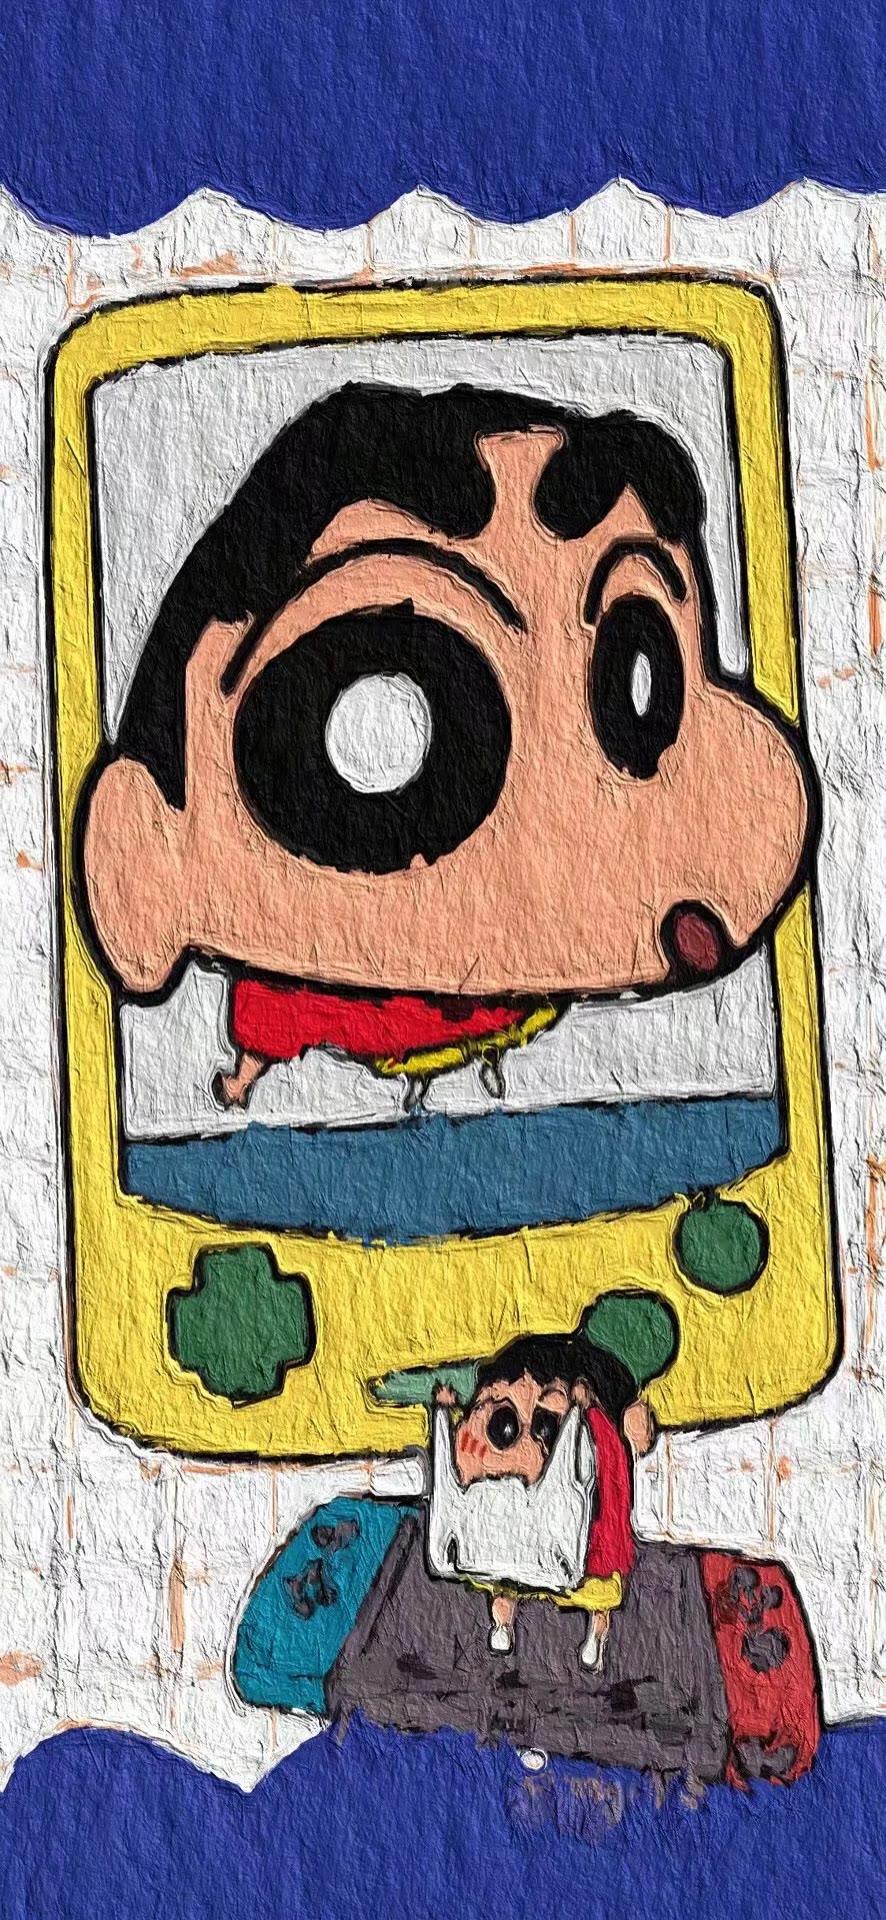 卡通动漫美图适合做微信QQ背景图 第4张图片